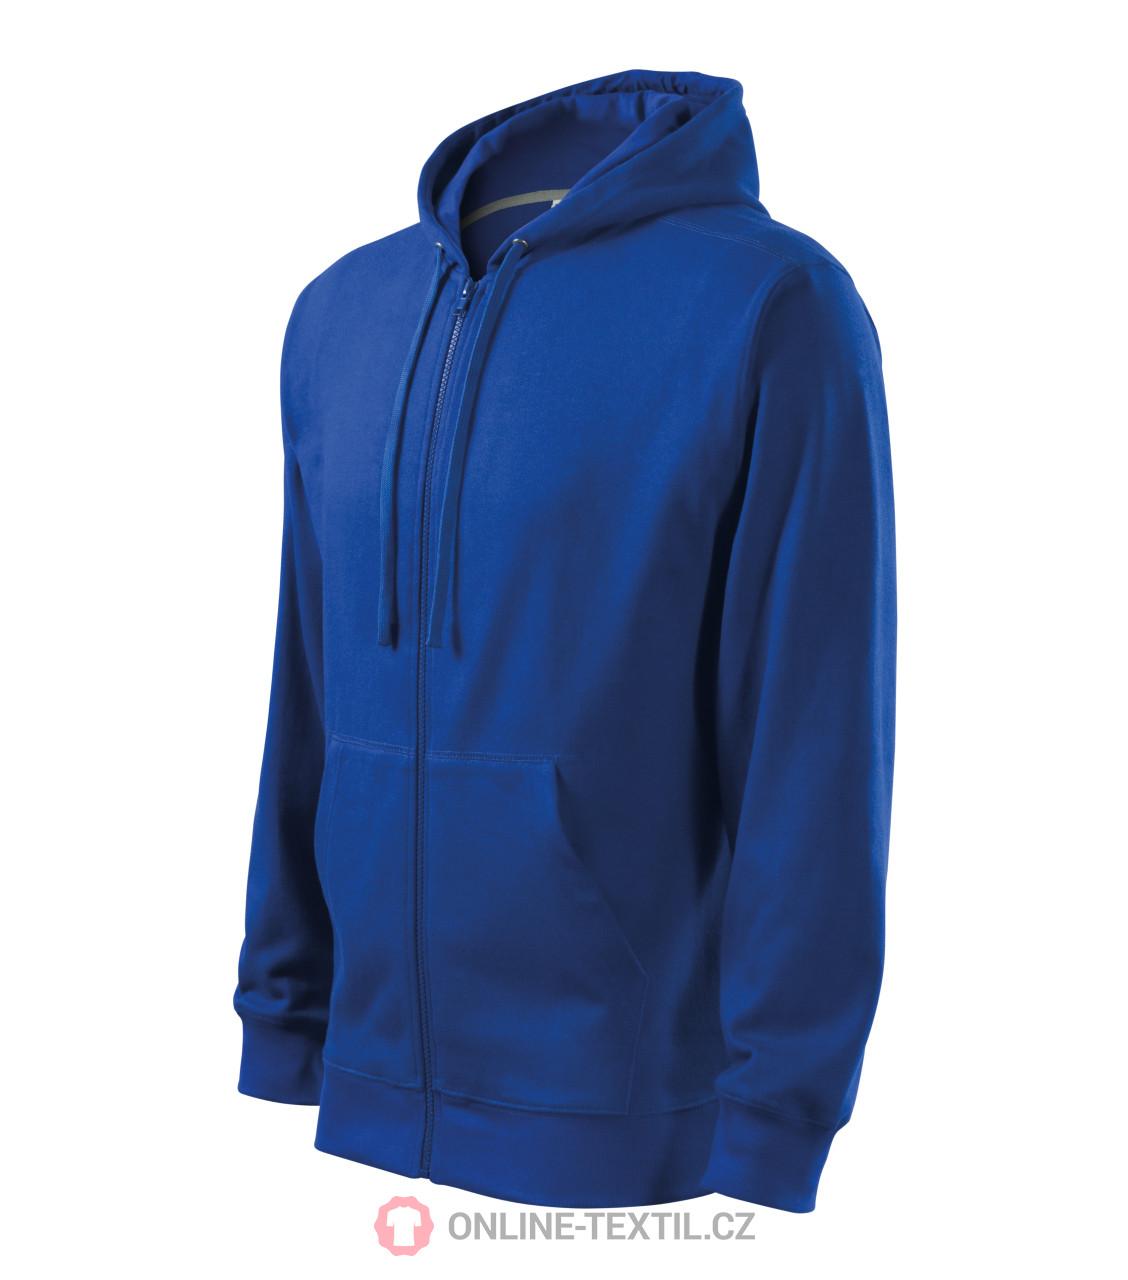 ADLER CZECH Pánská mikina Trendy Zipper s kapucí 410 - královská ... 695085300d1